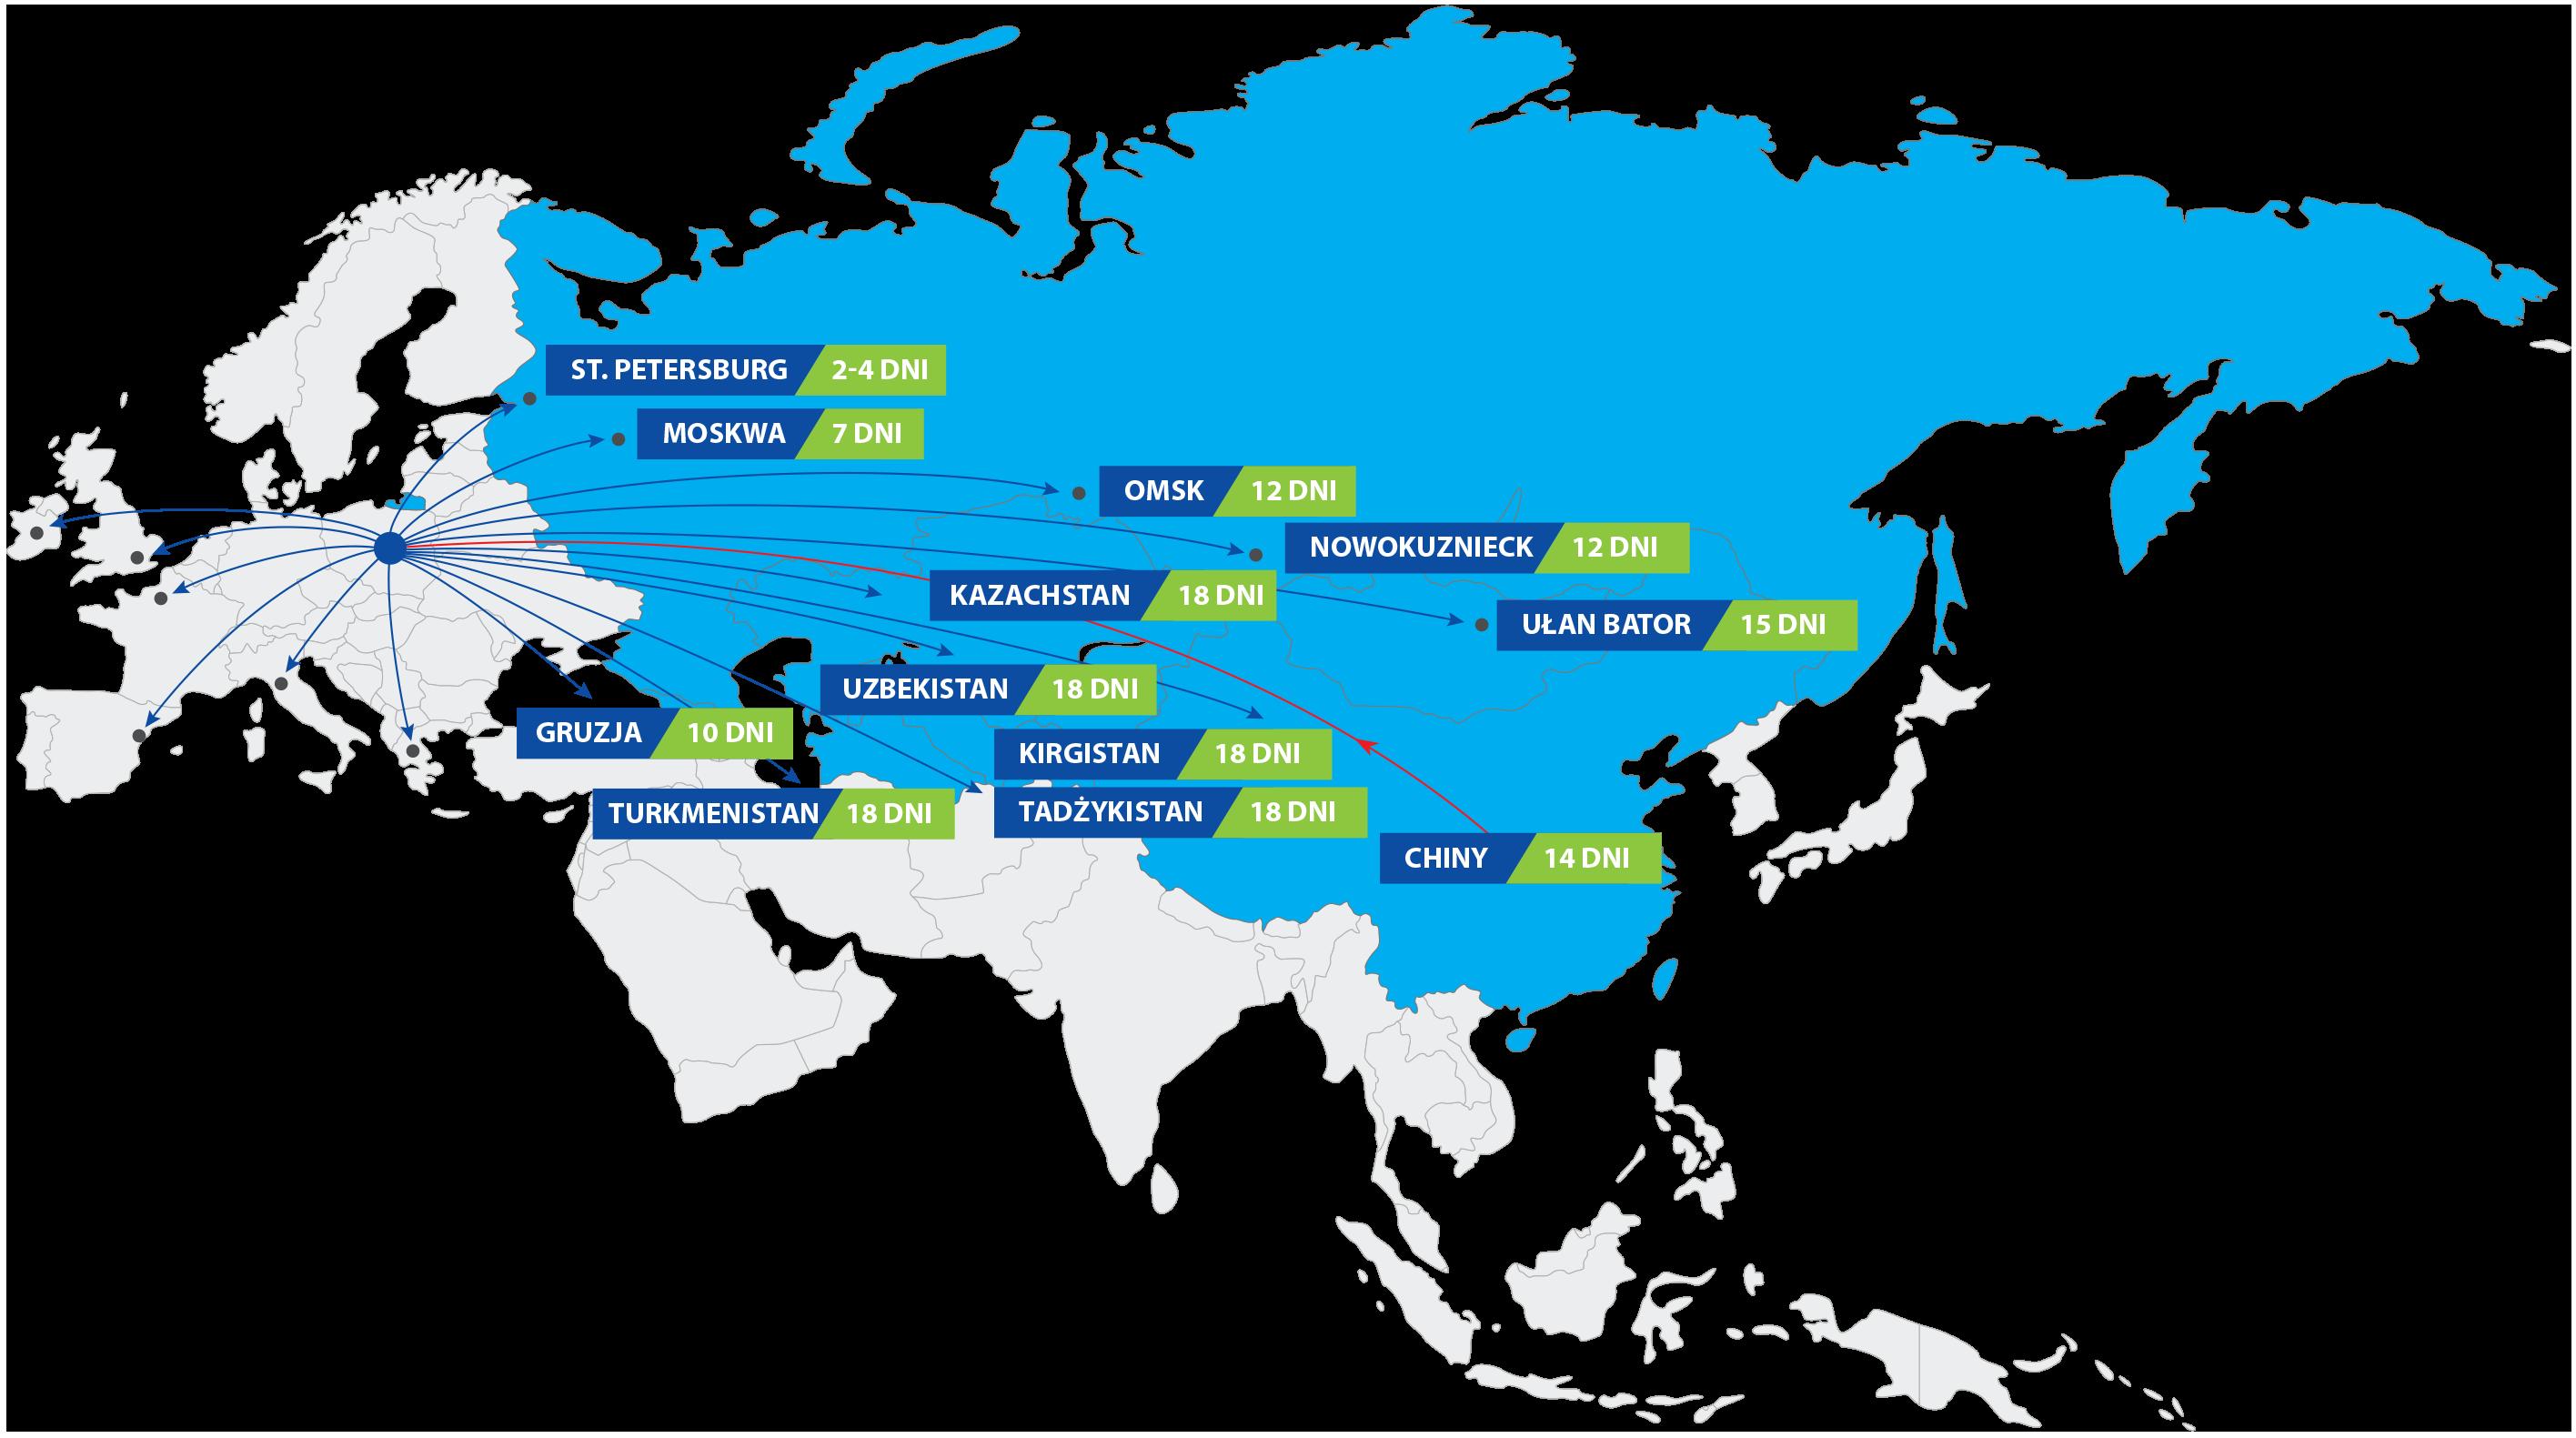 mapa_transport_kolejowy_azja_srodkowa.png